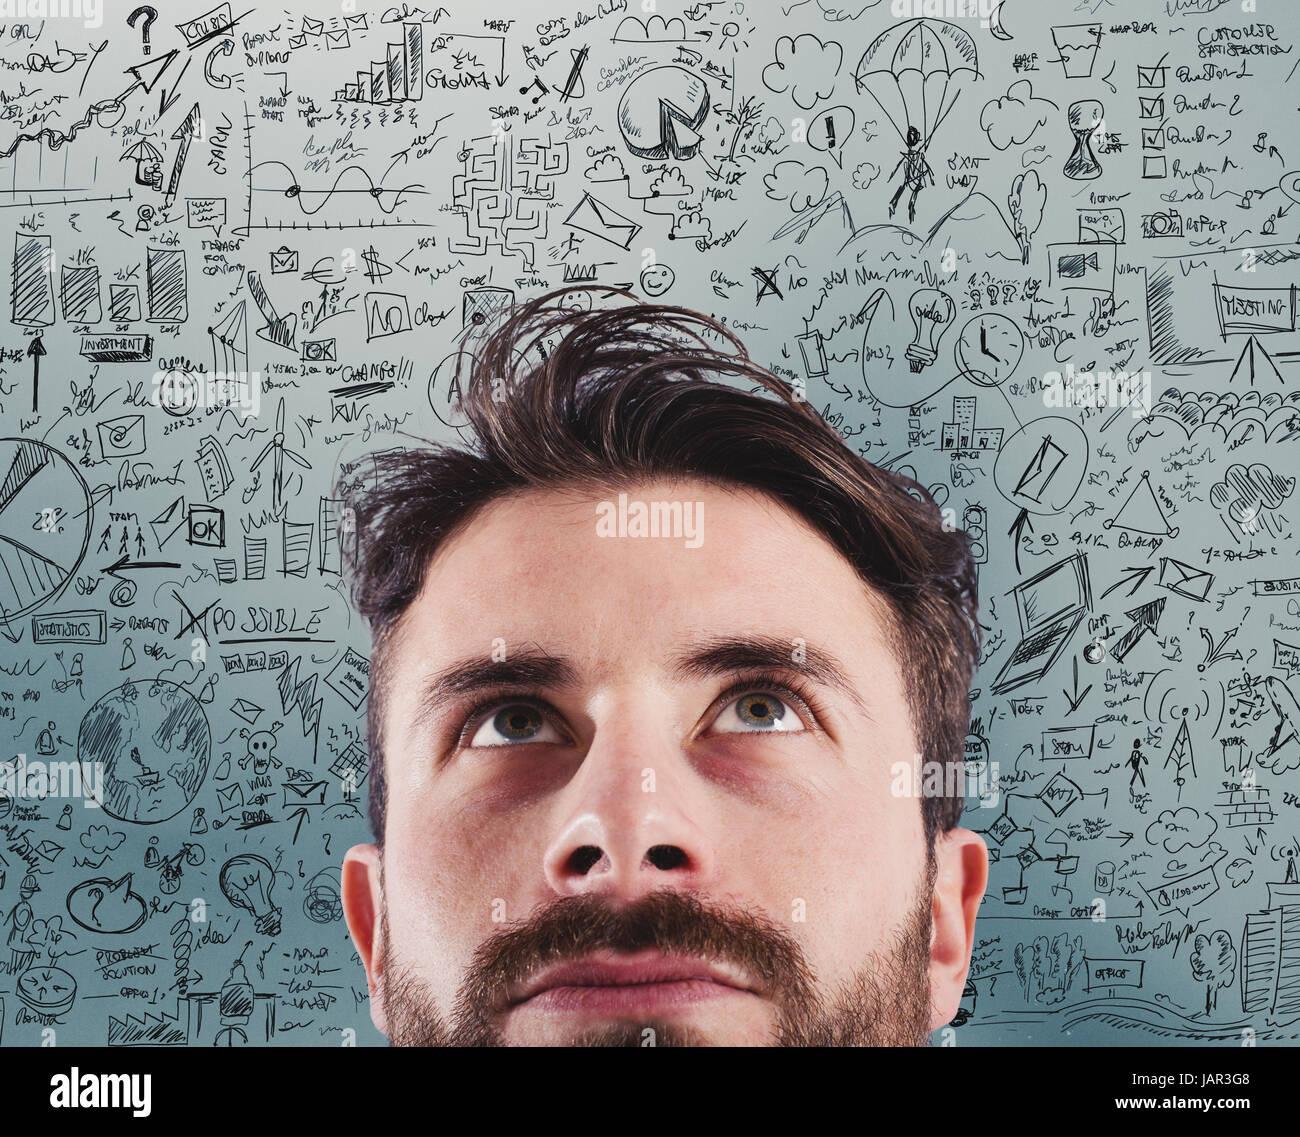 Nouvelle entreprise idée créative d'un projet Banque D'Images